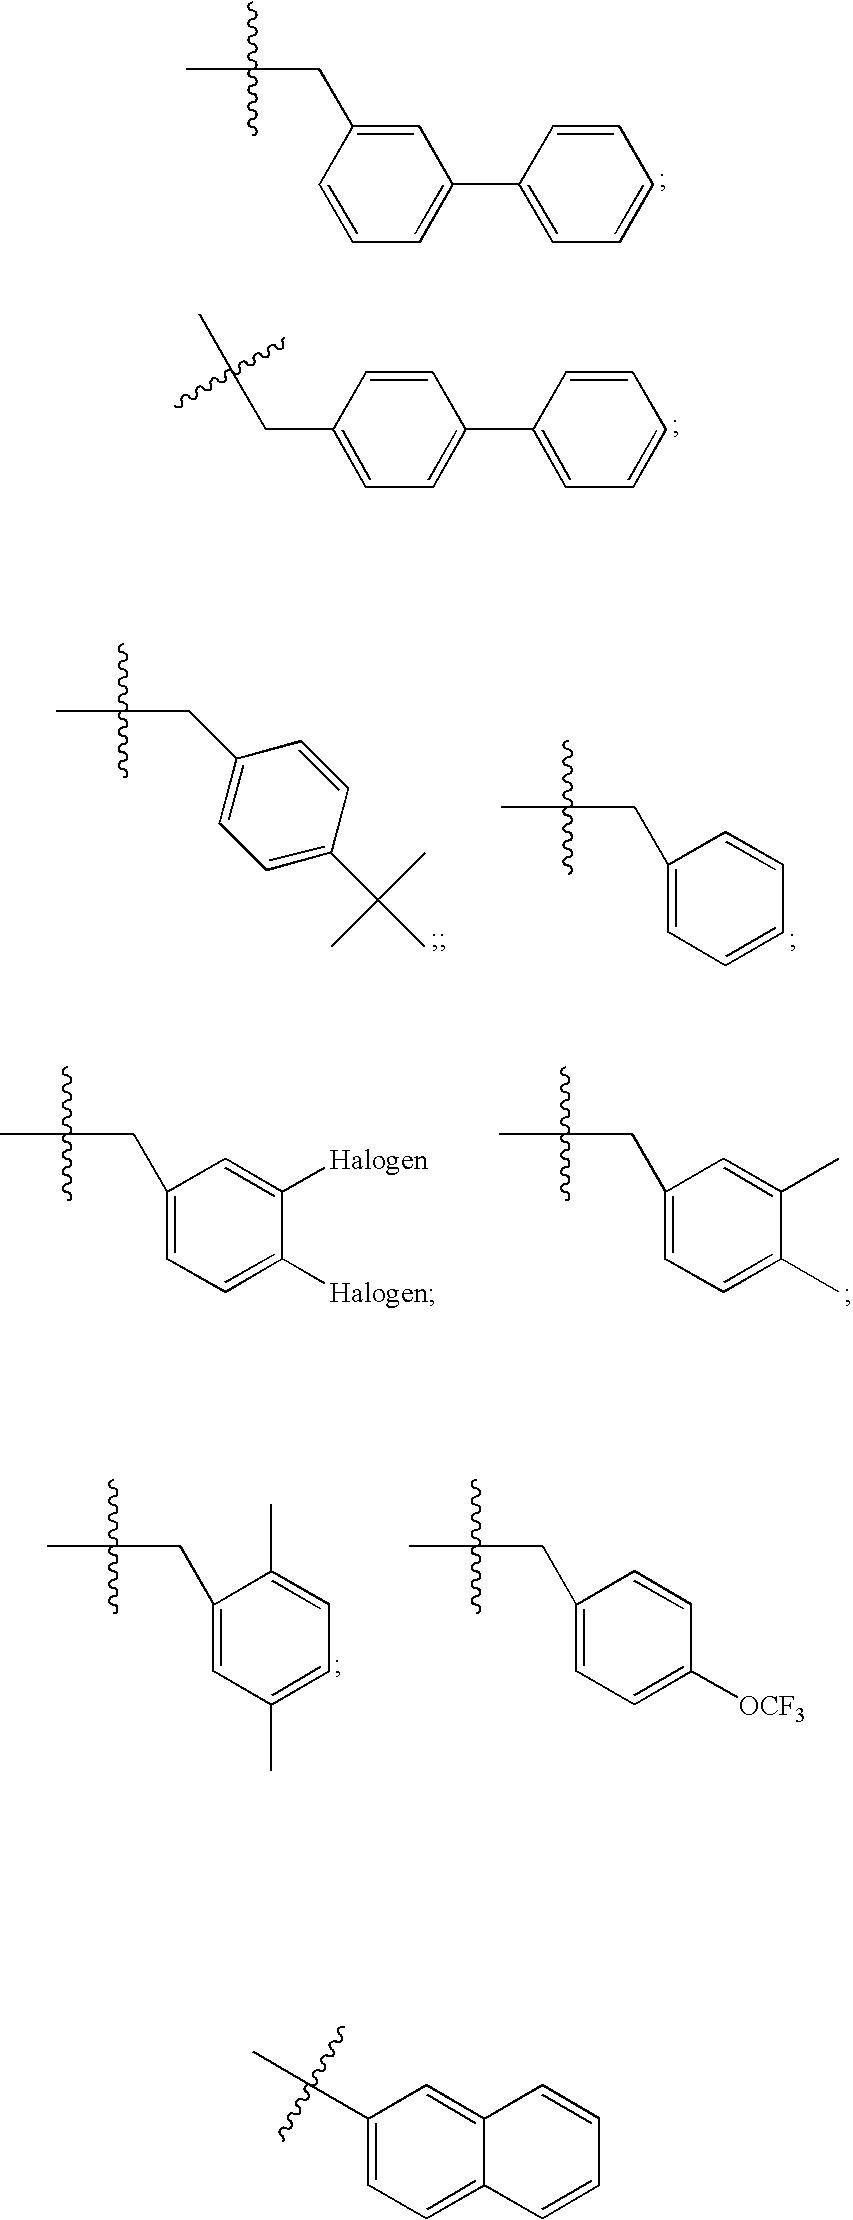 Figure US07683046-20100323-C00014